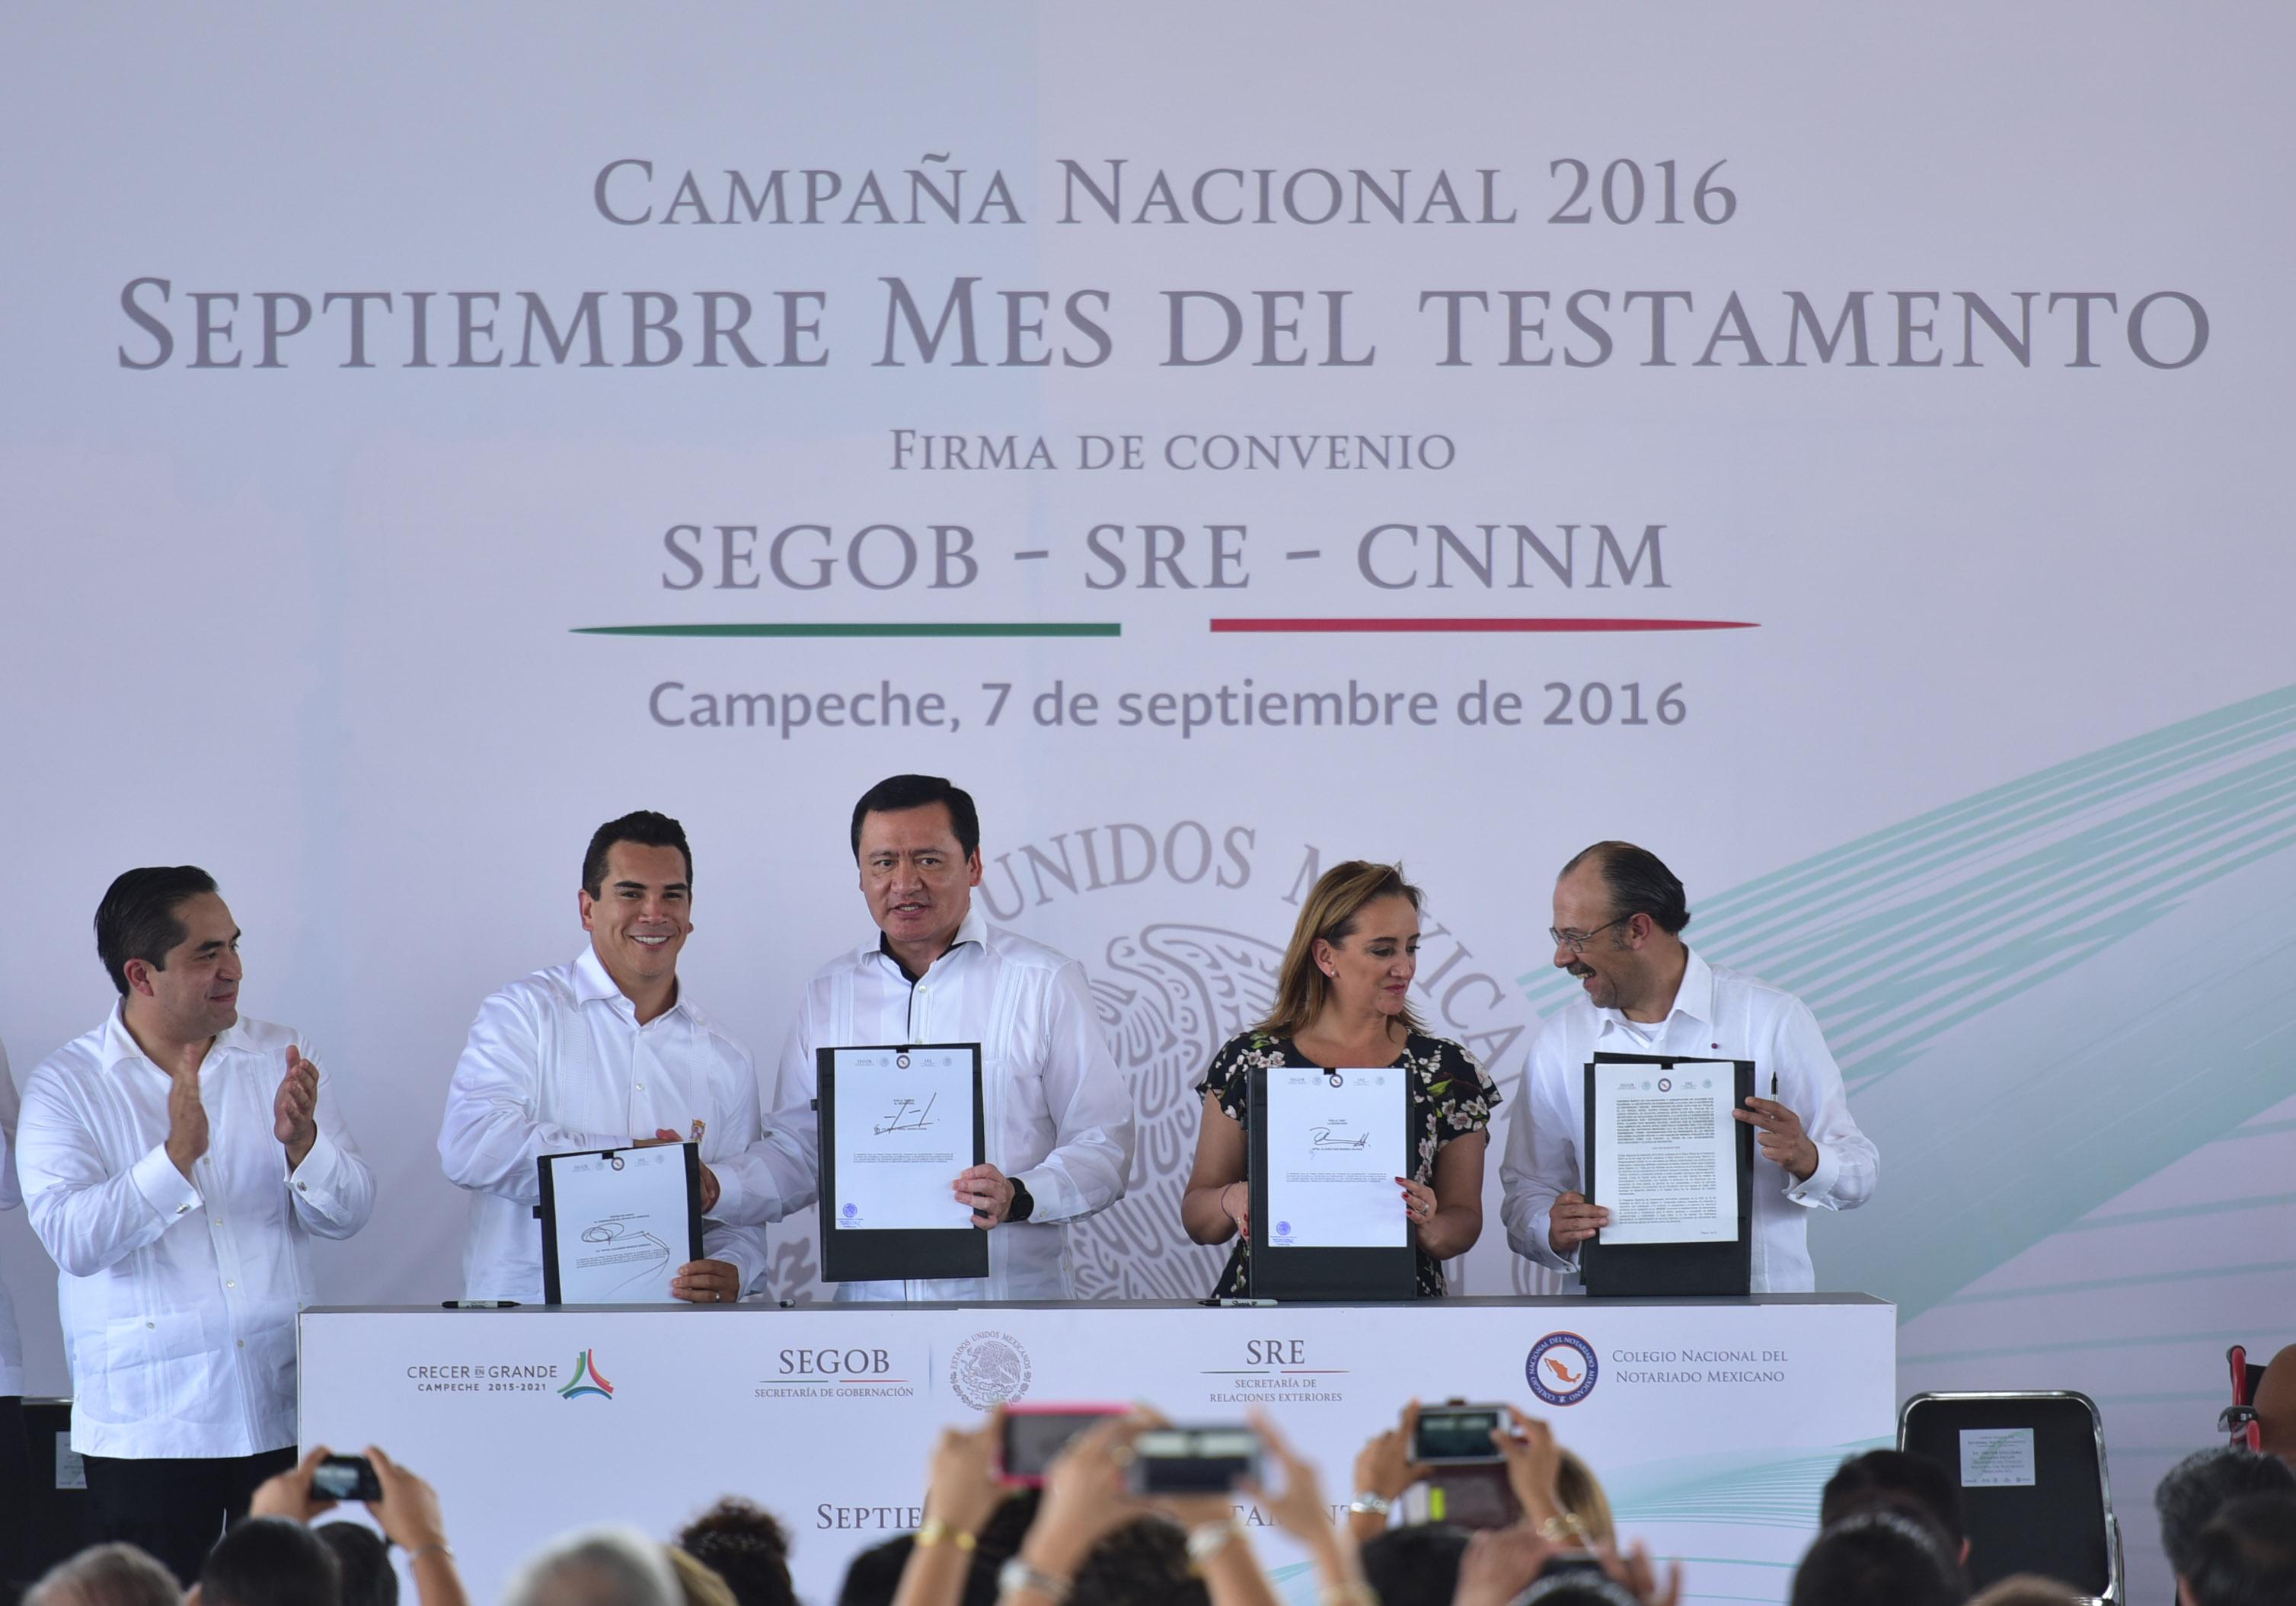 El Secretario de Gobernación, Miguel Ángel Osorio Chong, puso en marcha la Campaña Nacional 2016 Septiembre Mes del Testamento en el estado de Campeche.